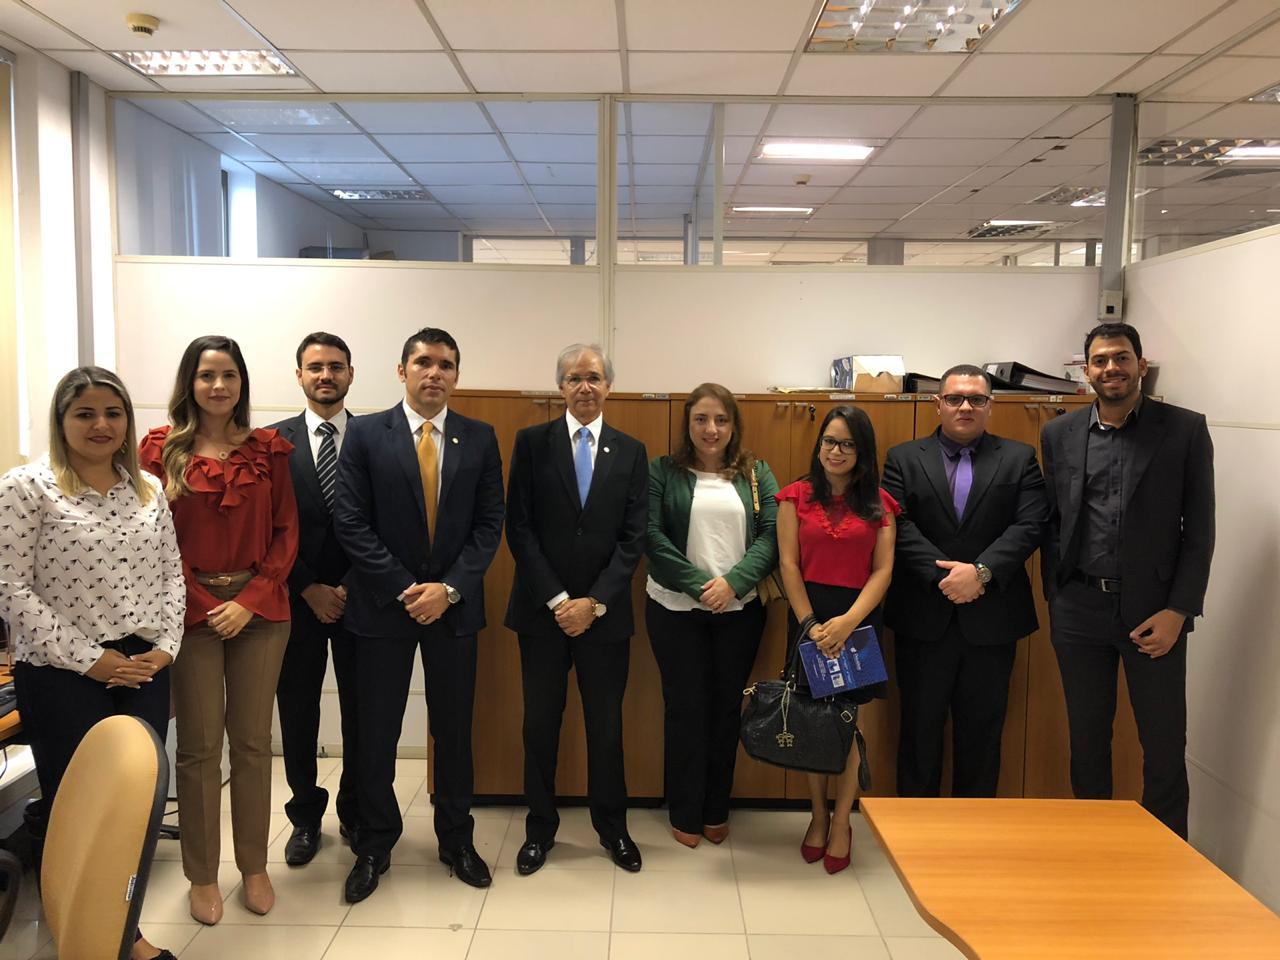 Comissão da OAB-PB discute melhorias na prestação jurisdicional com  juiz 1º JEC da Capital